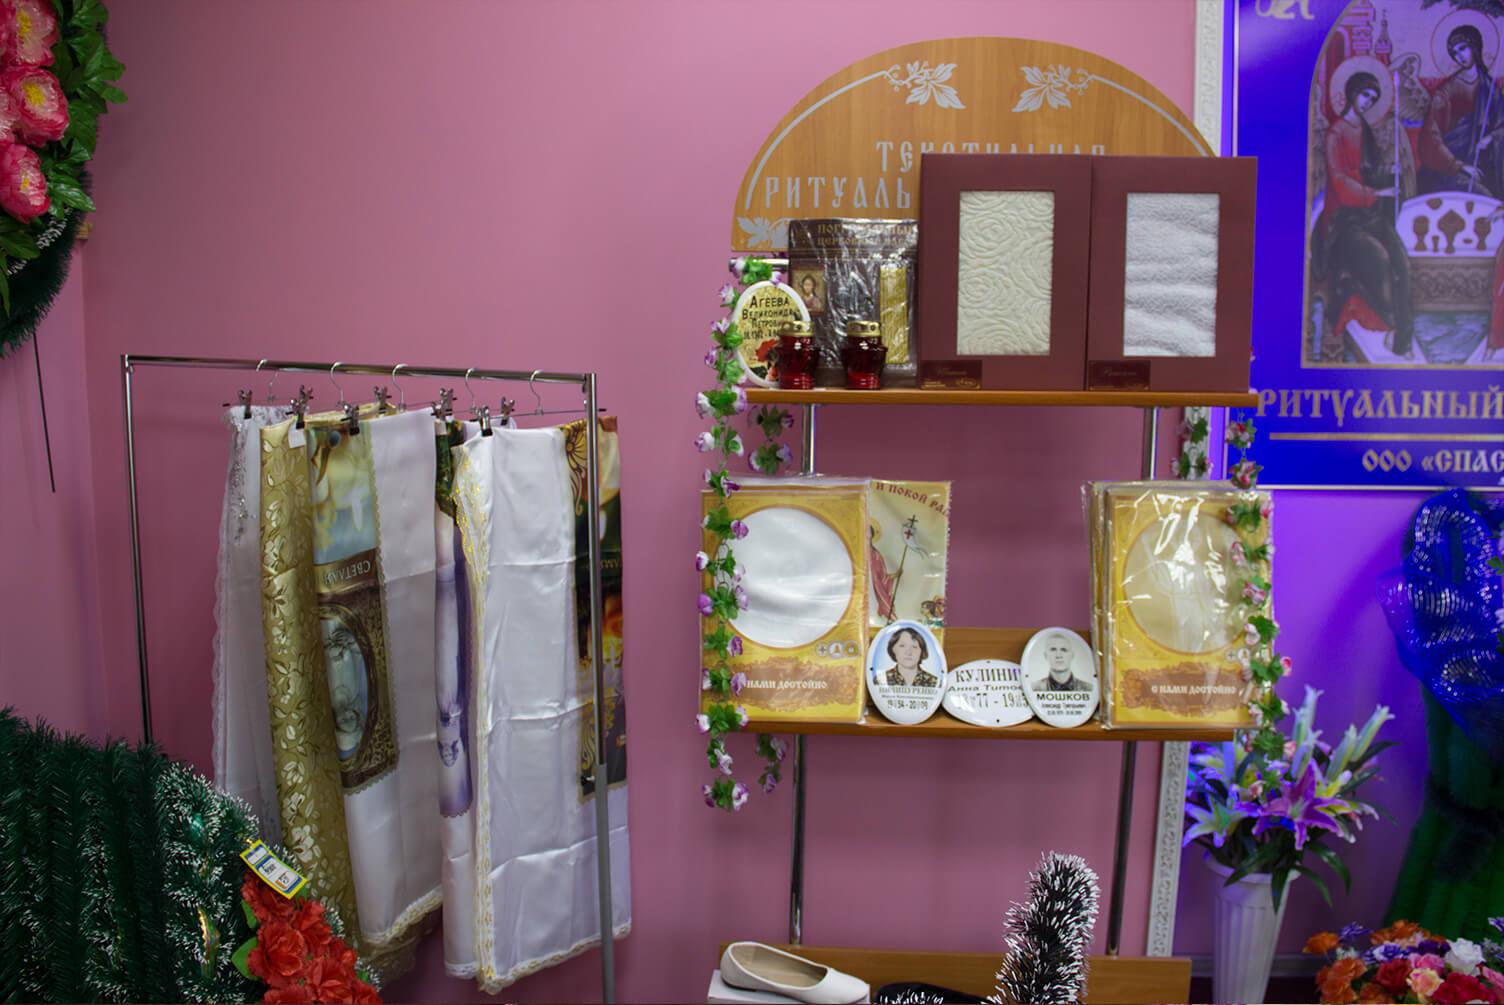 Ритуальные принадлежности, портреты, одежда, цветы